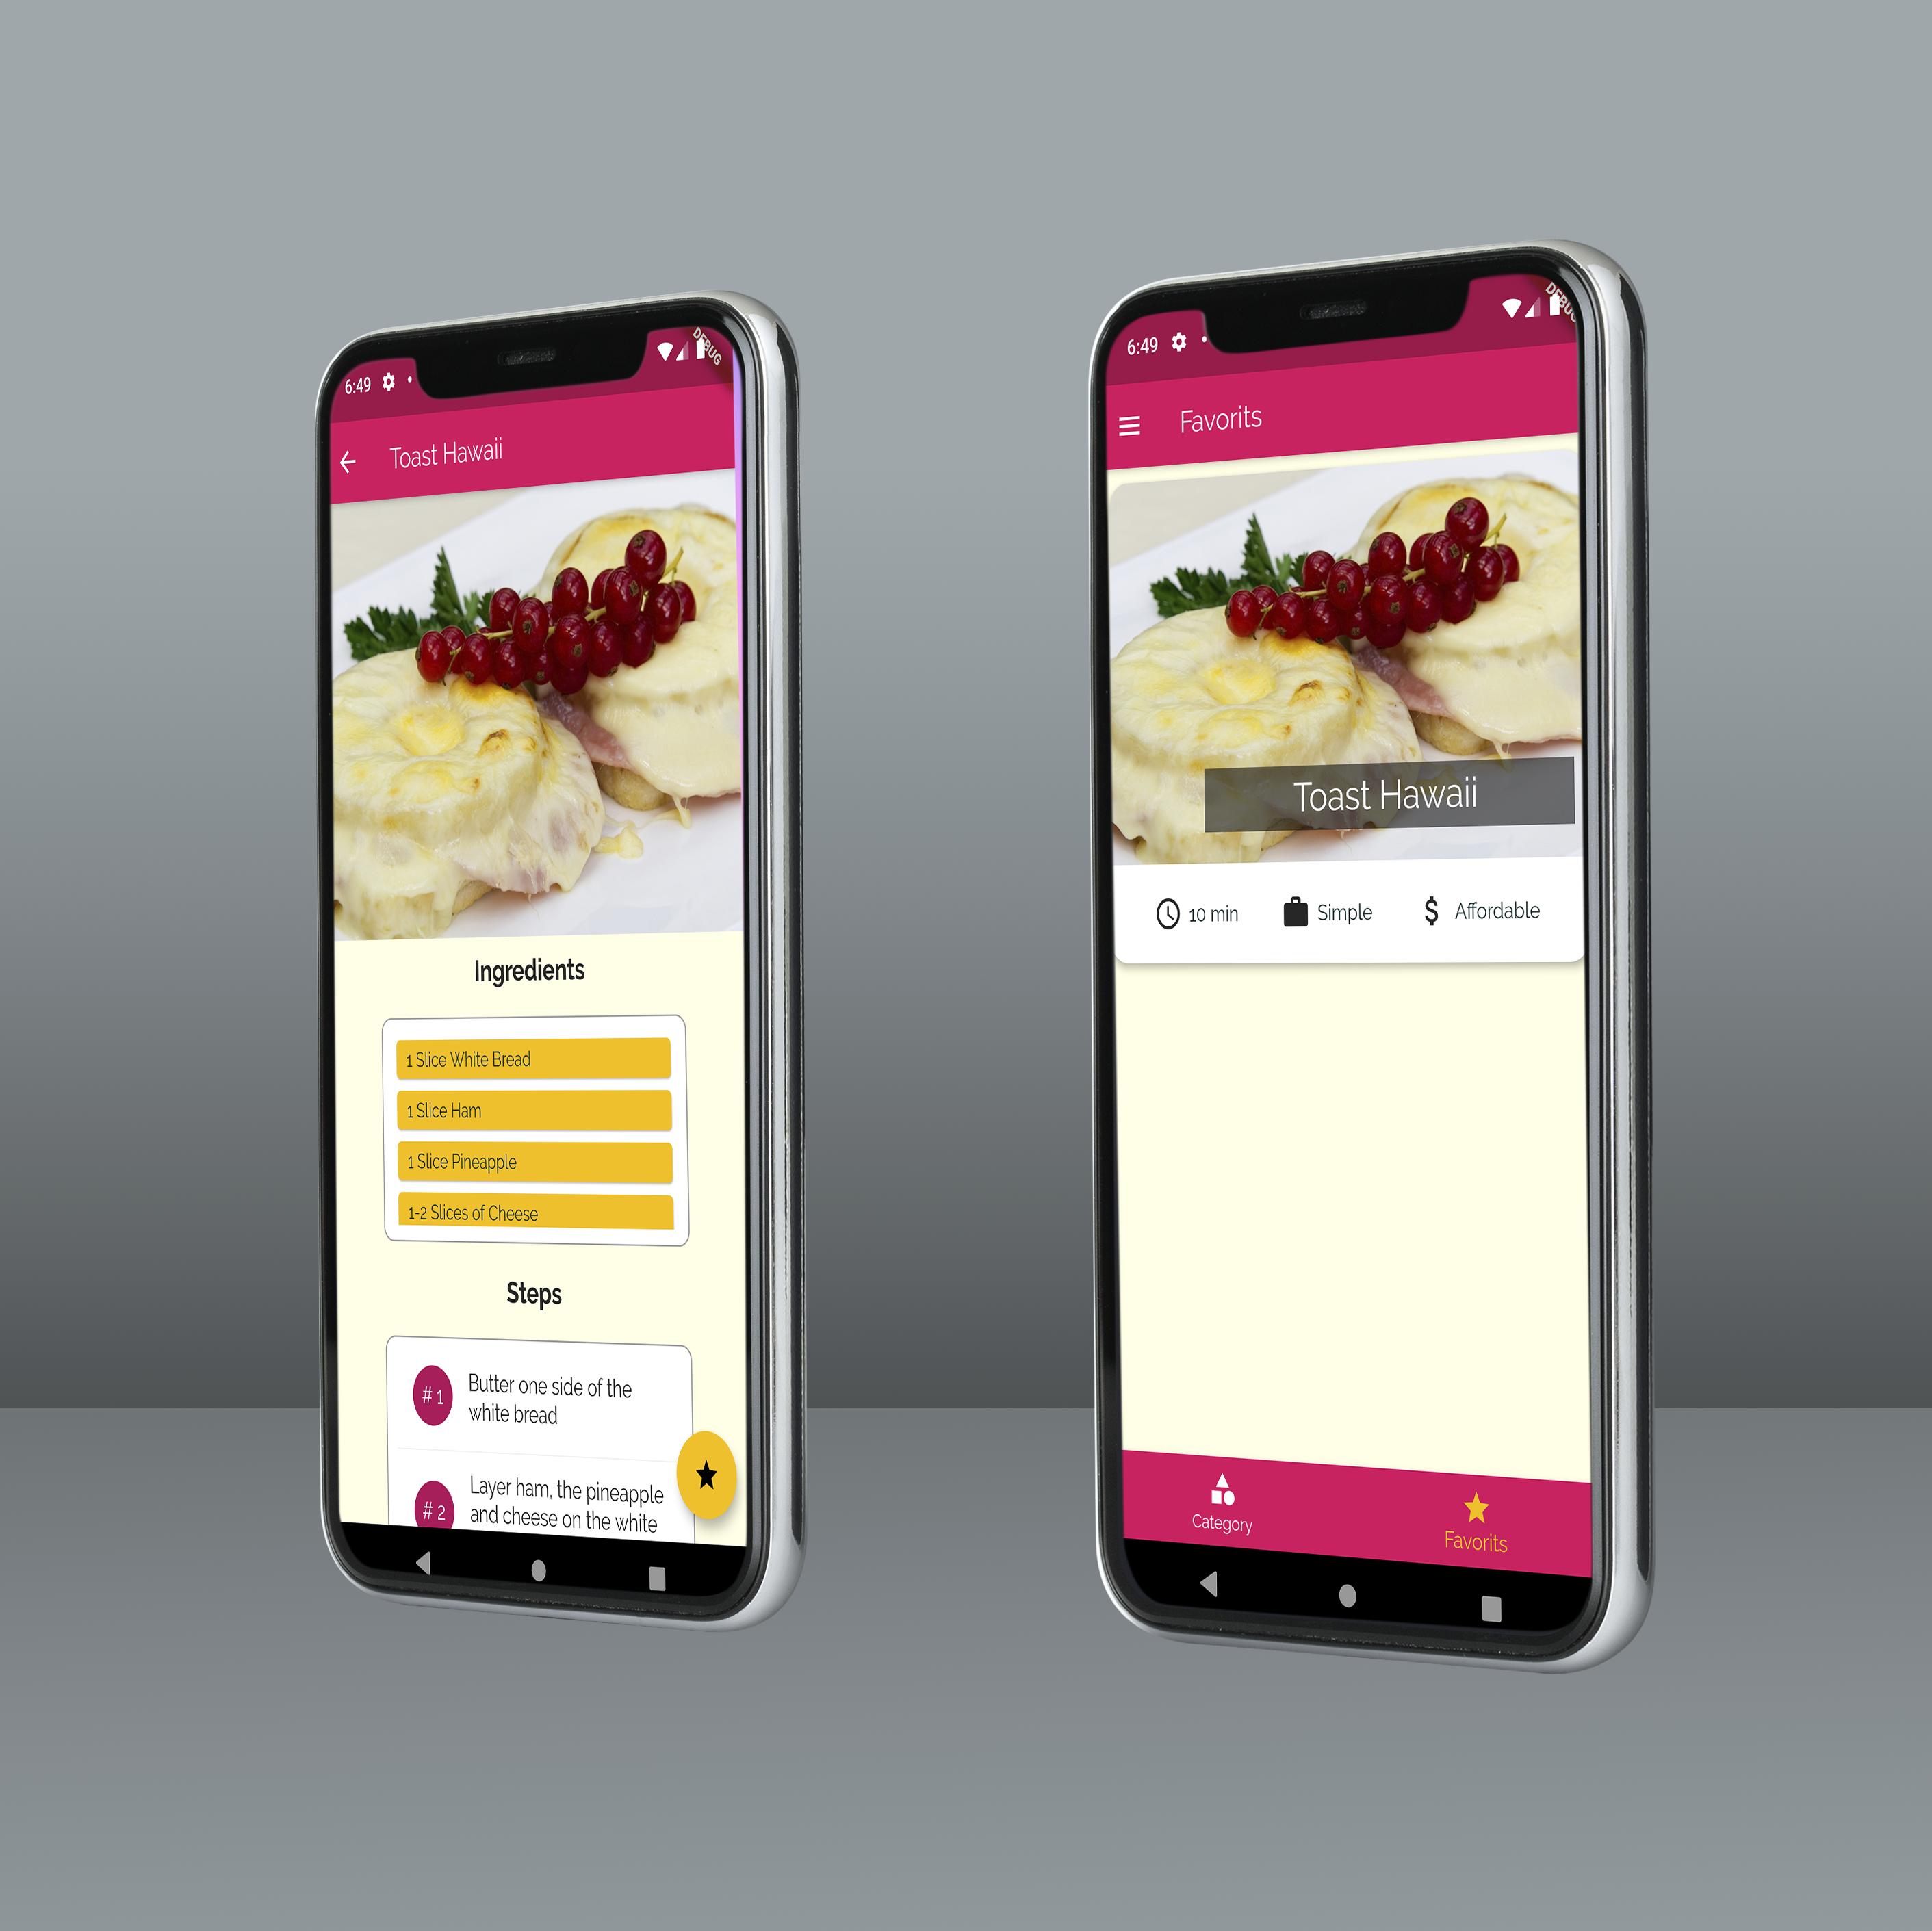 تطبيق موبايل لوصفات طبخ - صفحة المفضلات-6DTec